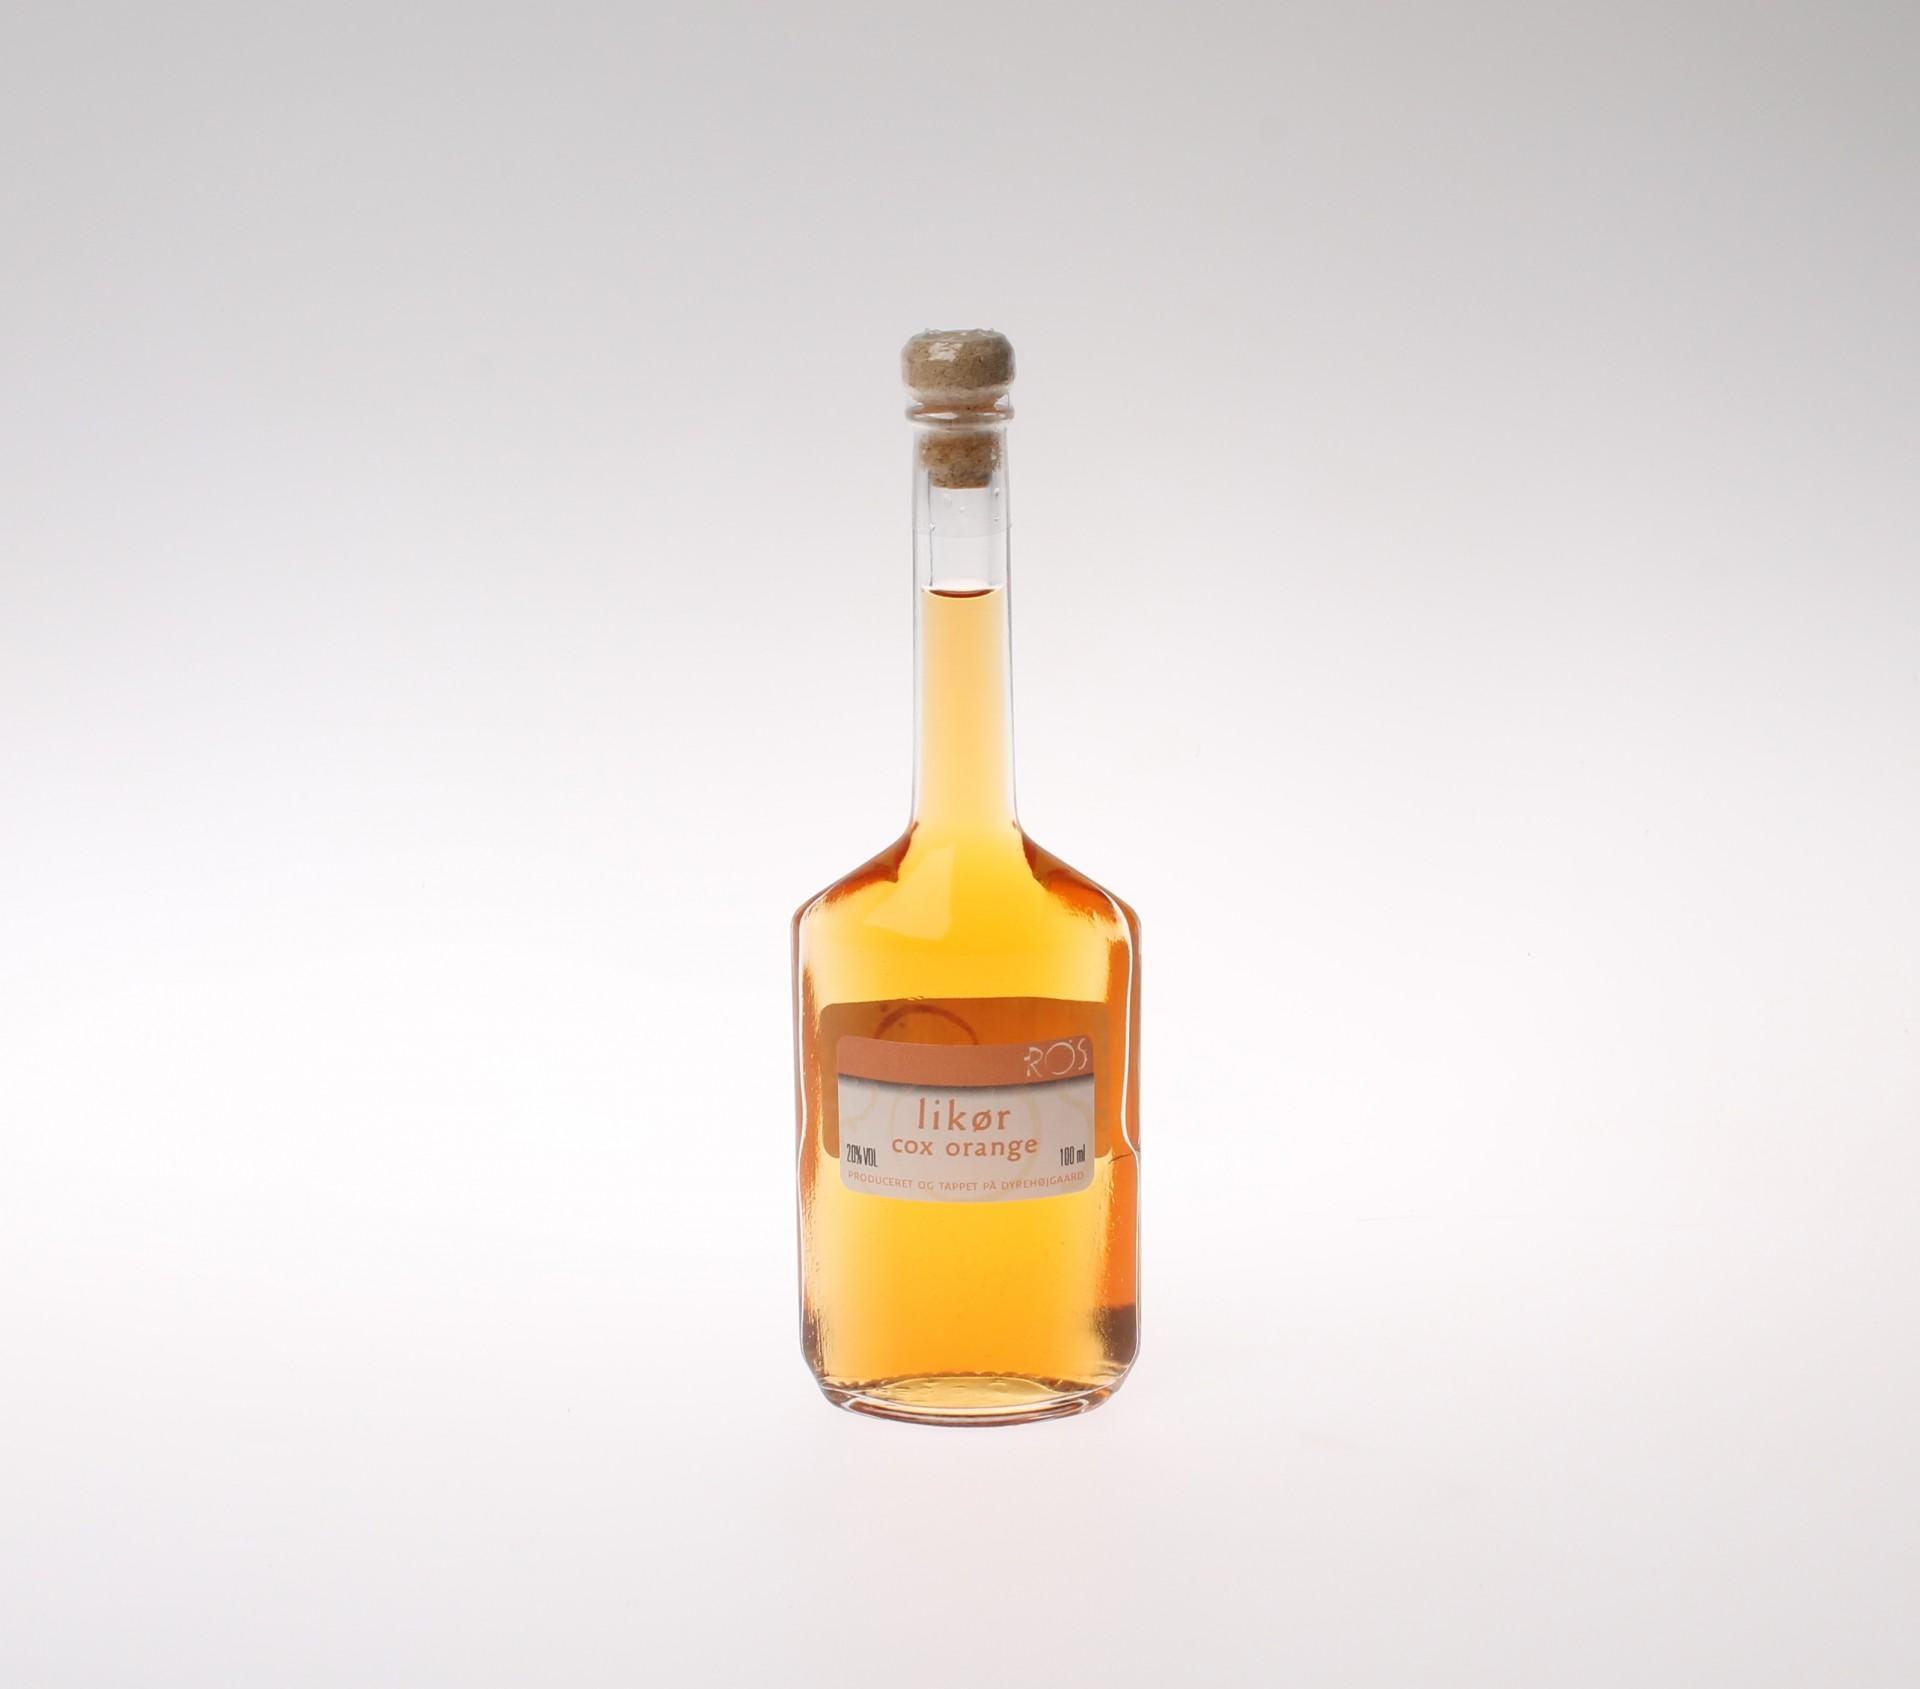 cox orange likør 100ml - Køb den i Lokalkompagniet